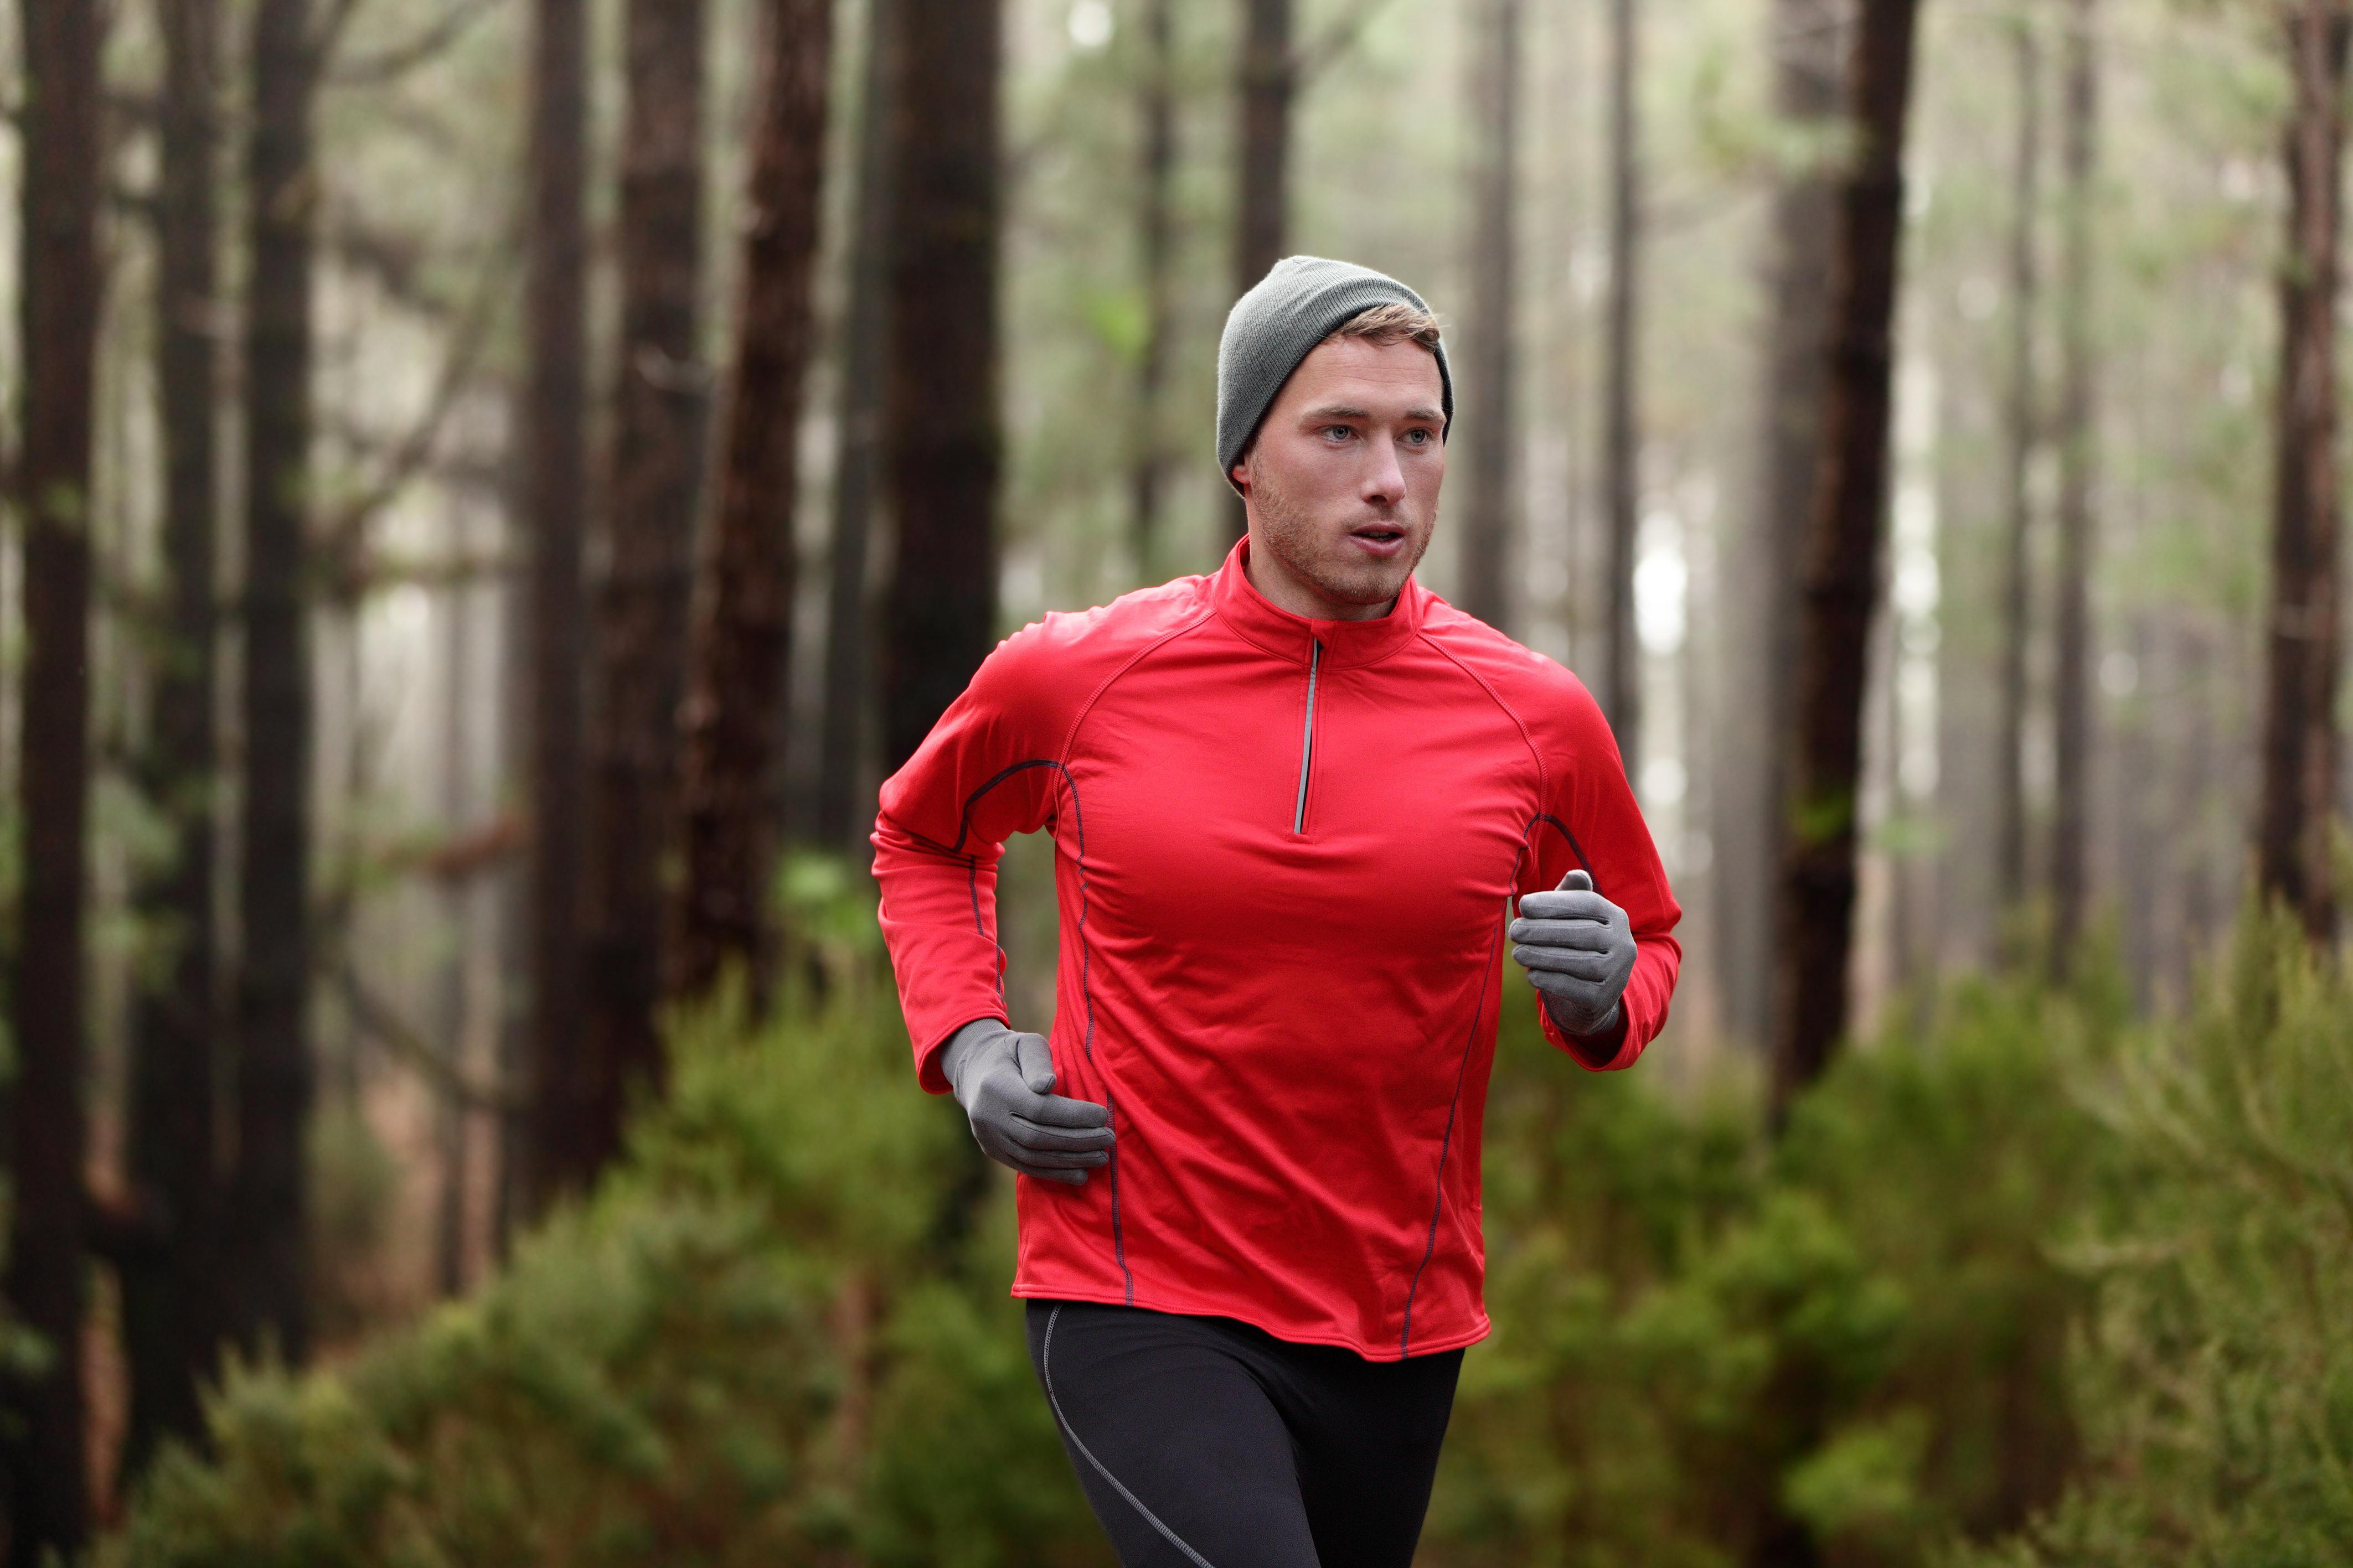 Allt fler motionärer höjer träningsnivån till en som liknar elitidrottarnas. Men kunskap om vad som krävs i kostväg för att ge kroppen optimala förutsättningar saknas.